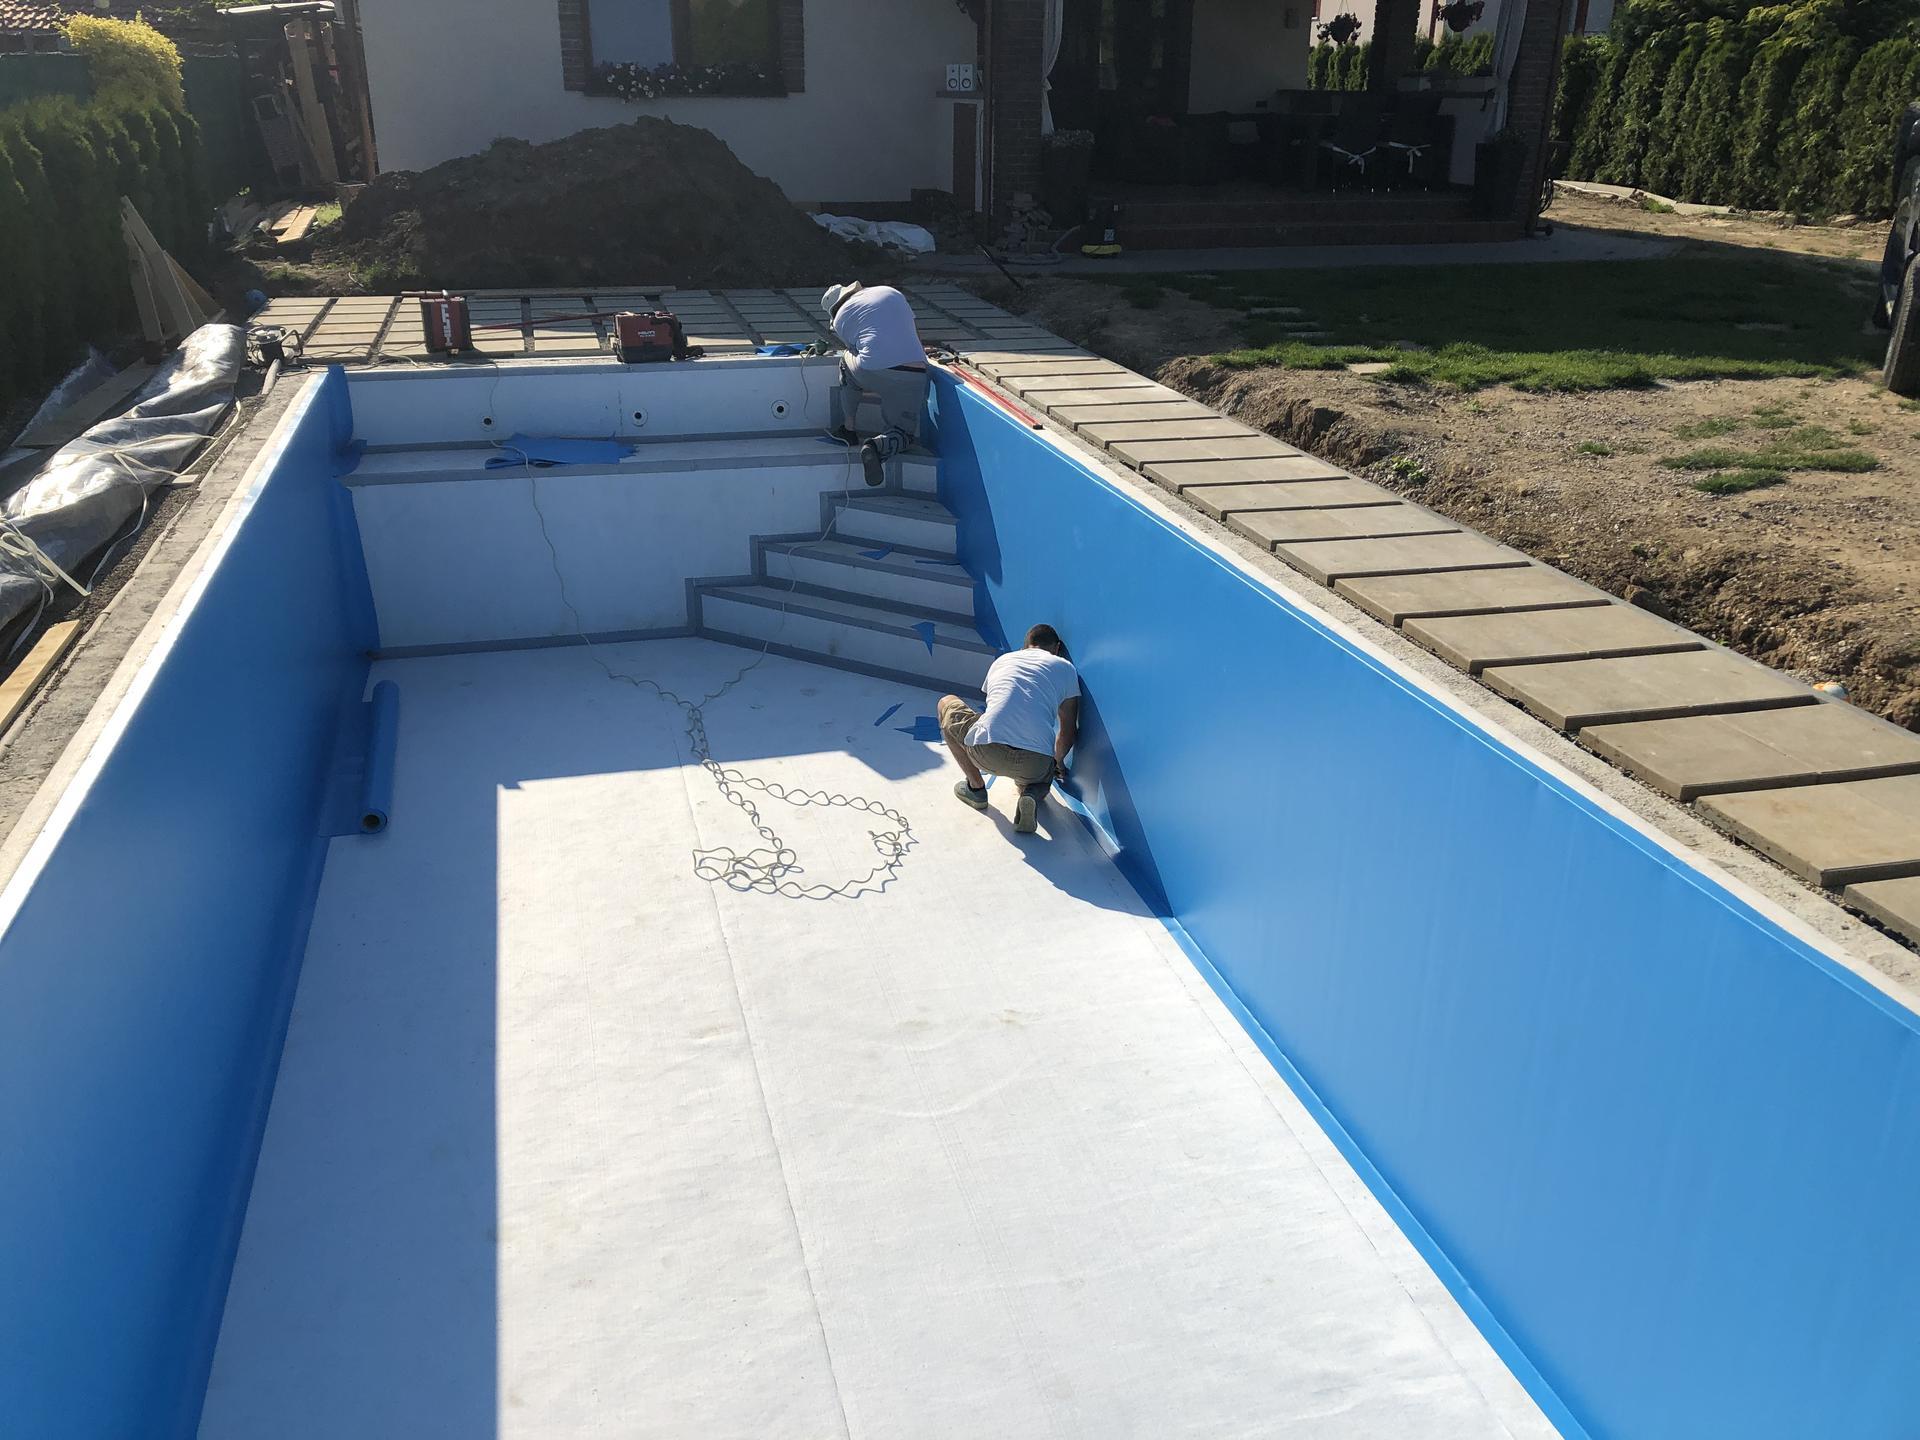 murovany bazen 9x4 svojpomocne - Obrázok č. 5